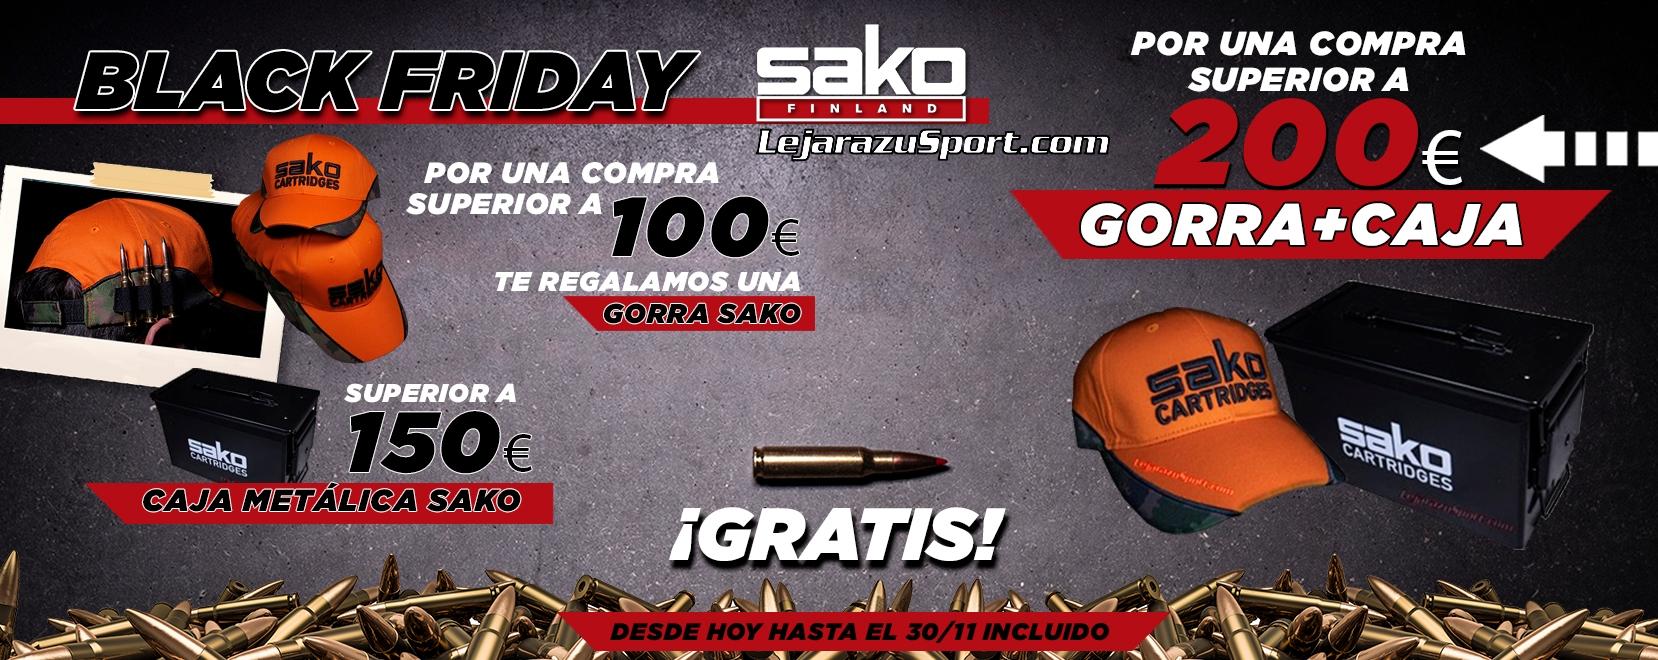 Regalos por tus pedidos de Black Friday en LejarazuSport.com